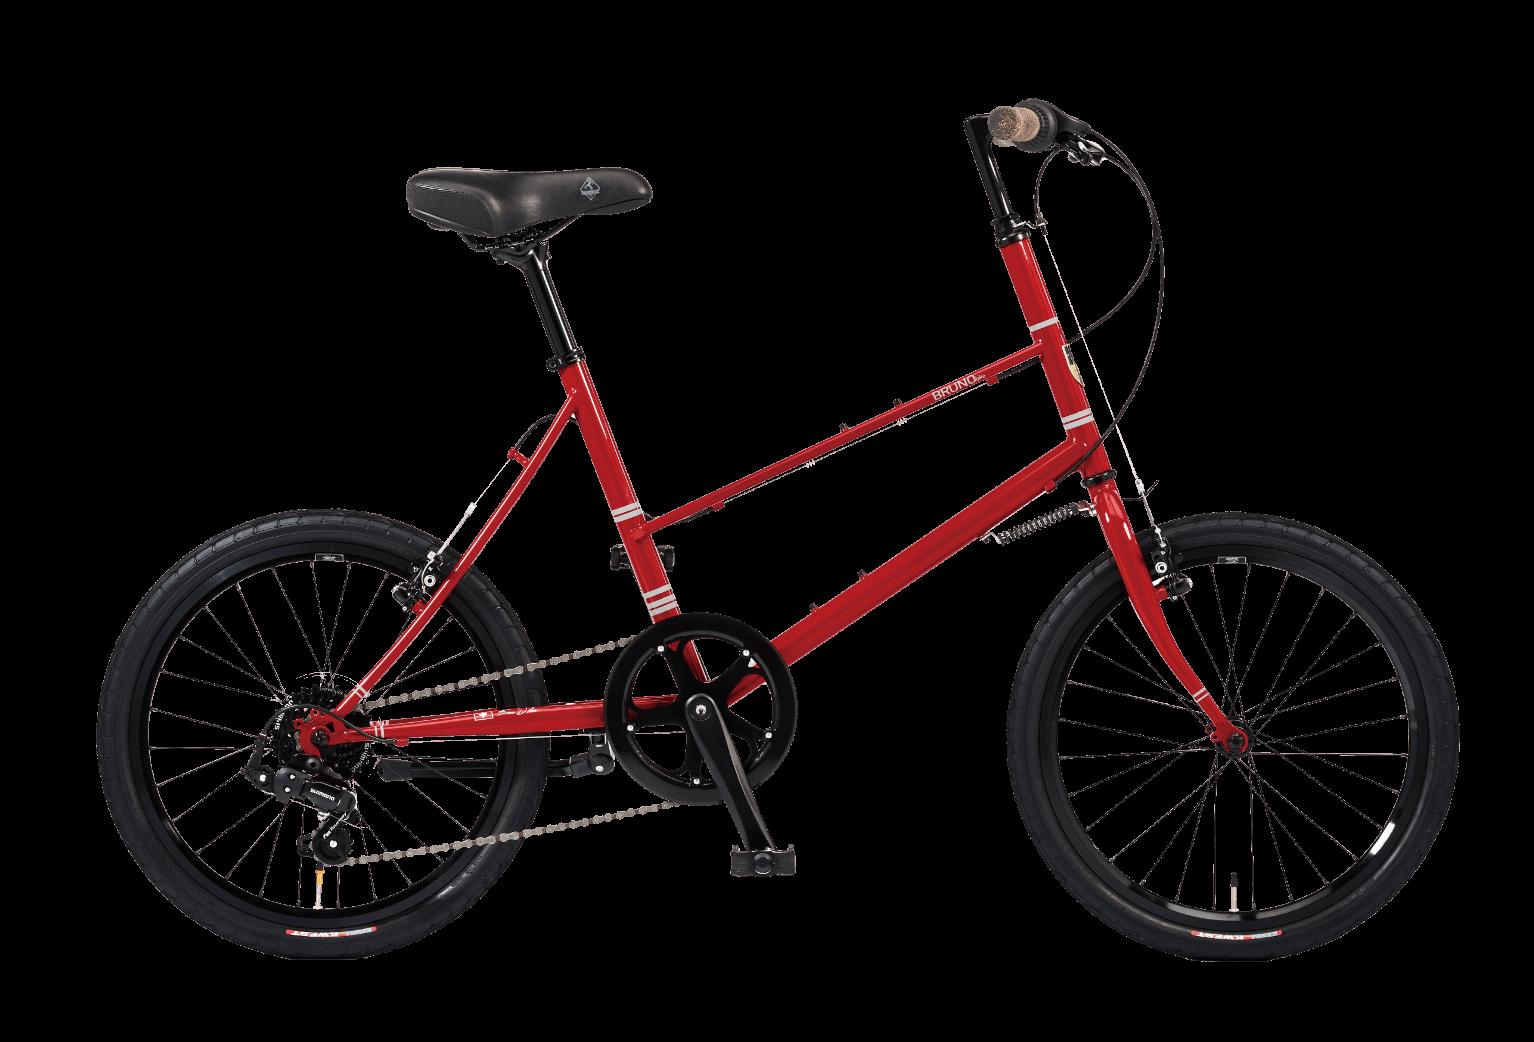 20インチのワインレッド自転車ミキスト